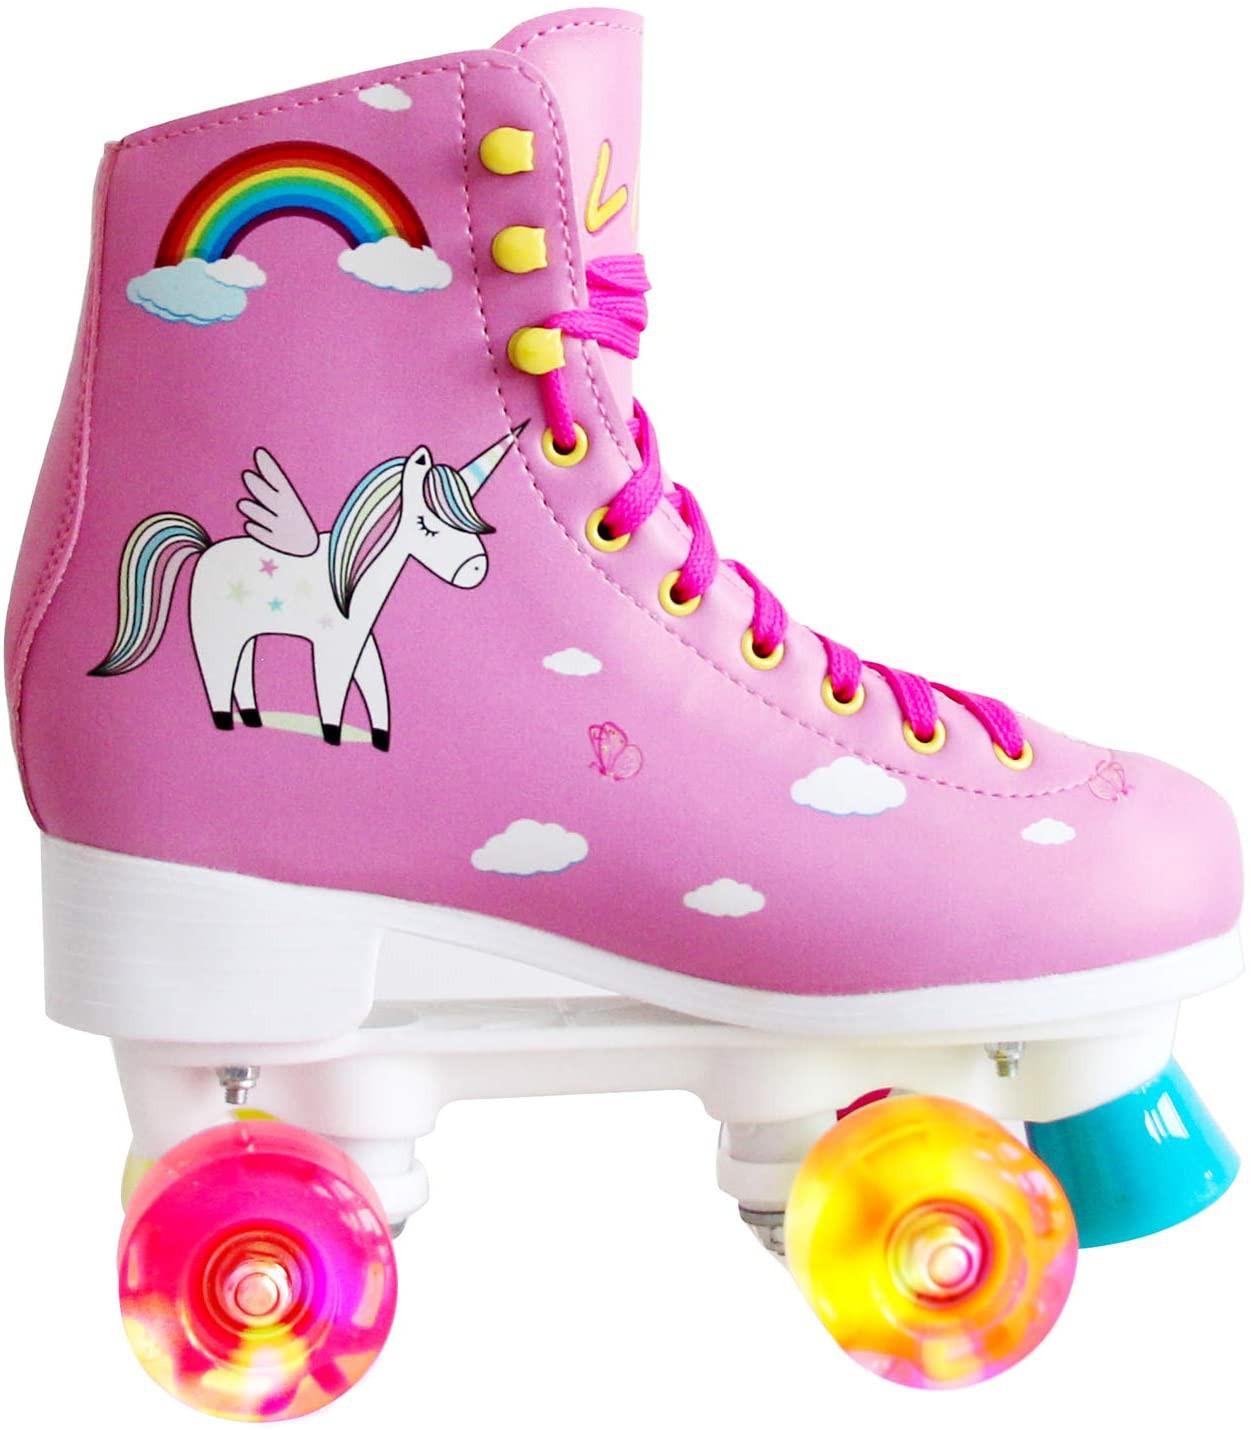 Liku Quad Roller Skates for Girls